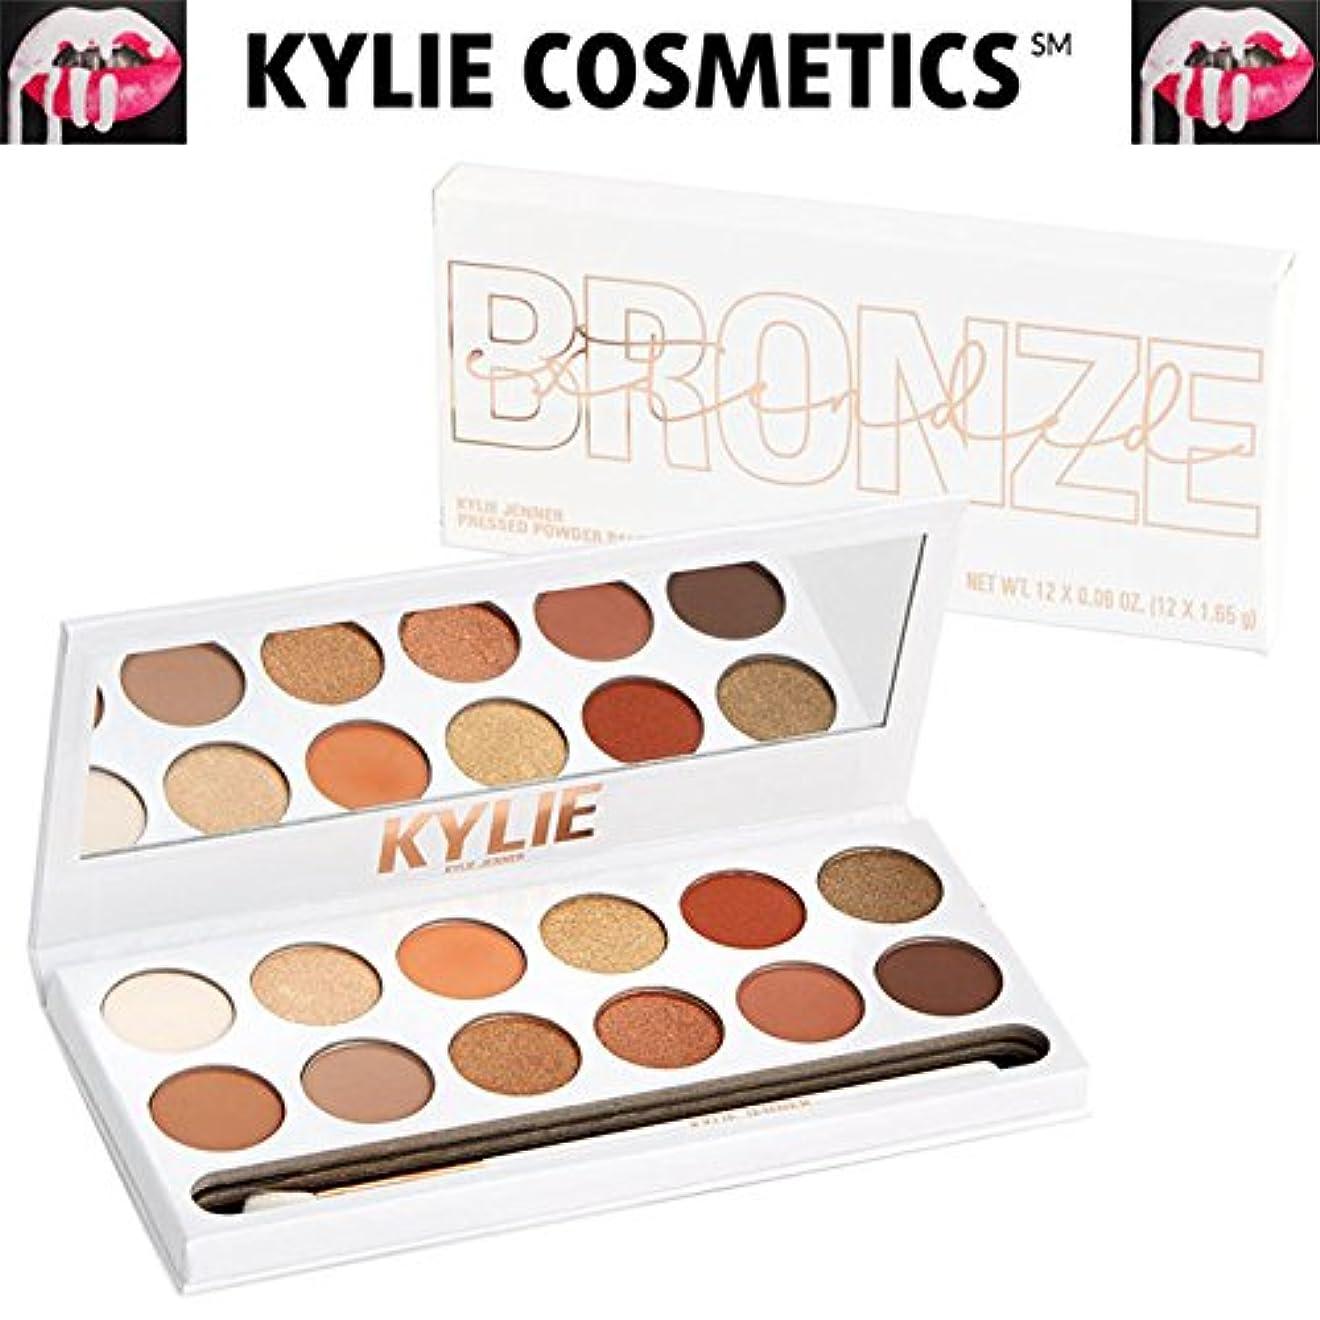 食い違い生博物館Kylie Cosmetics(カイリーコスメティック)Bronze Extended Eyeshadow Palette ブロンズ エクステンデット パレット